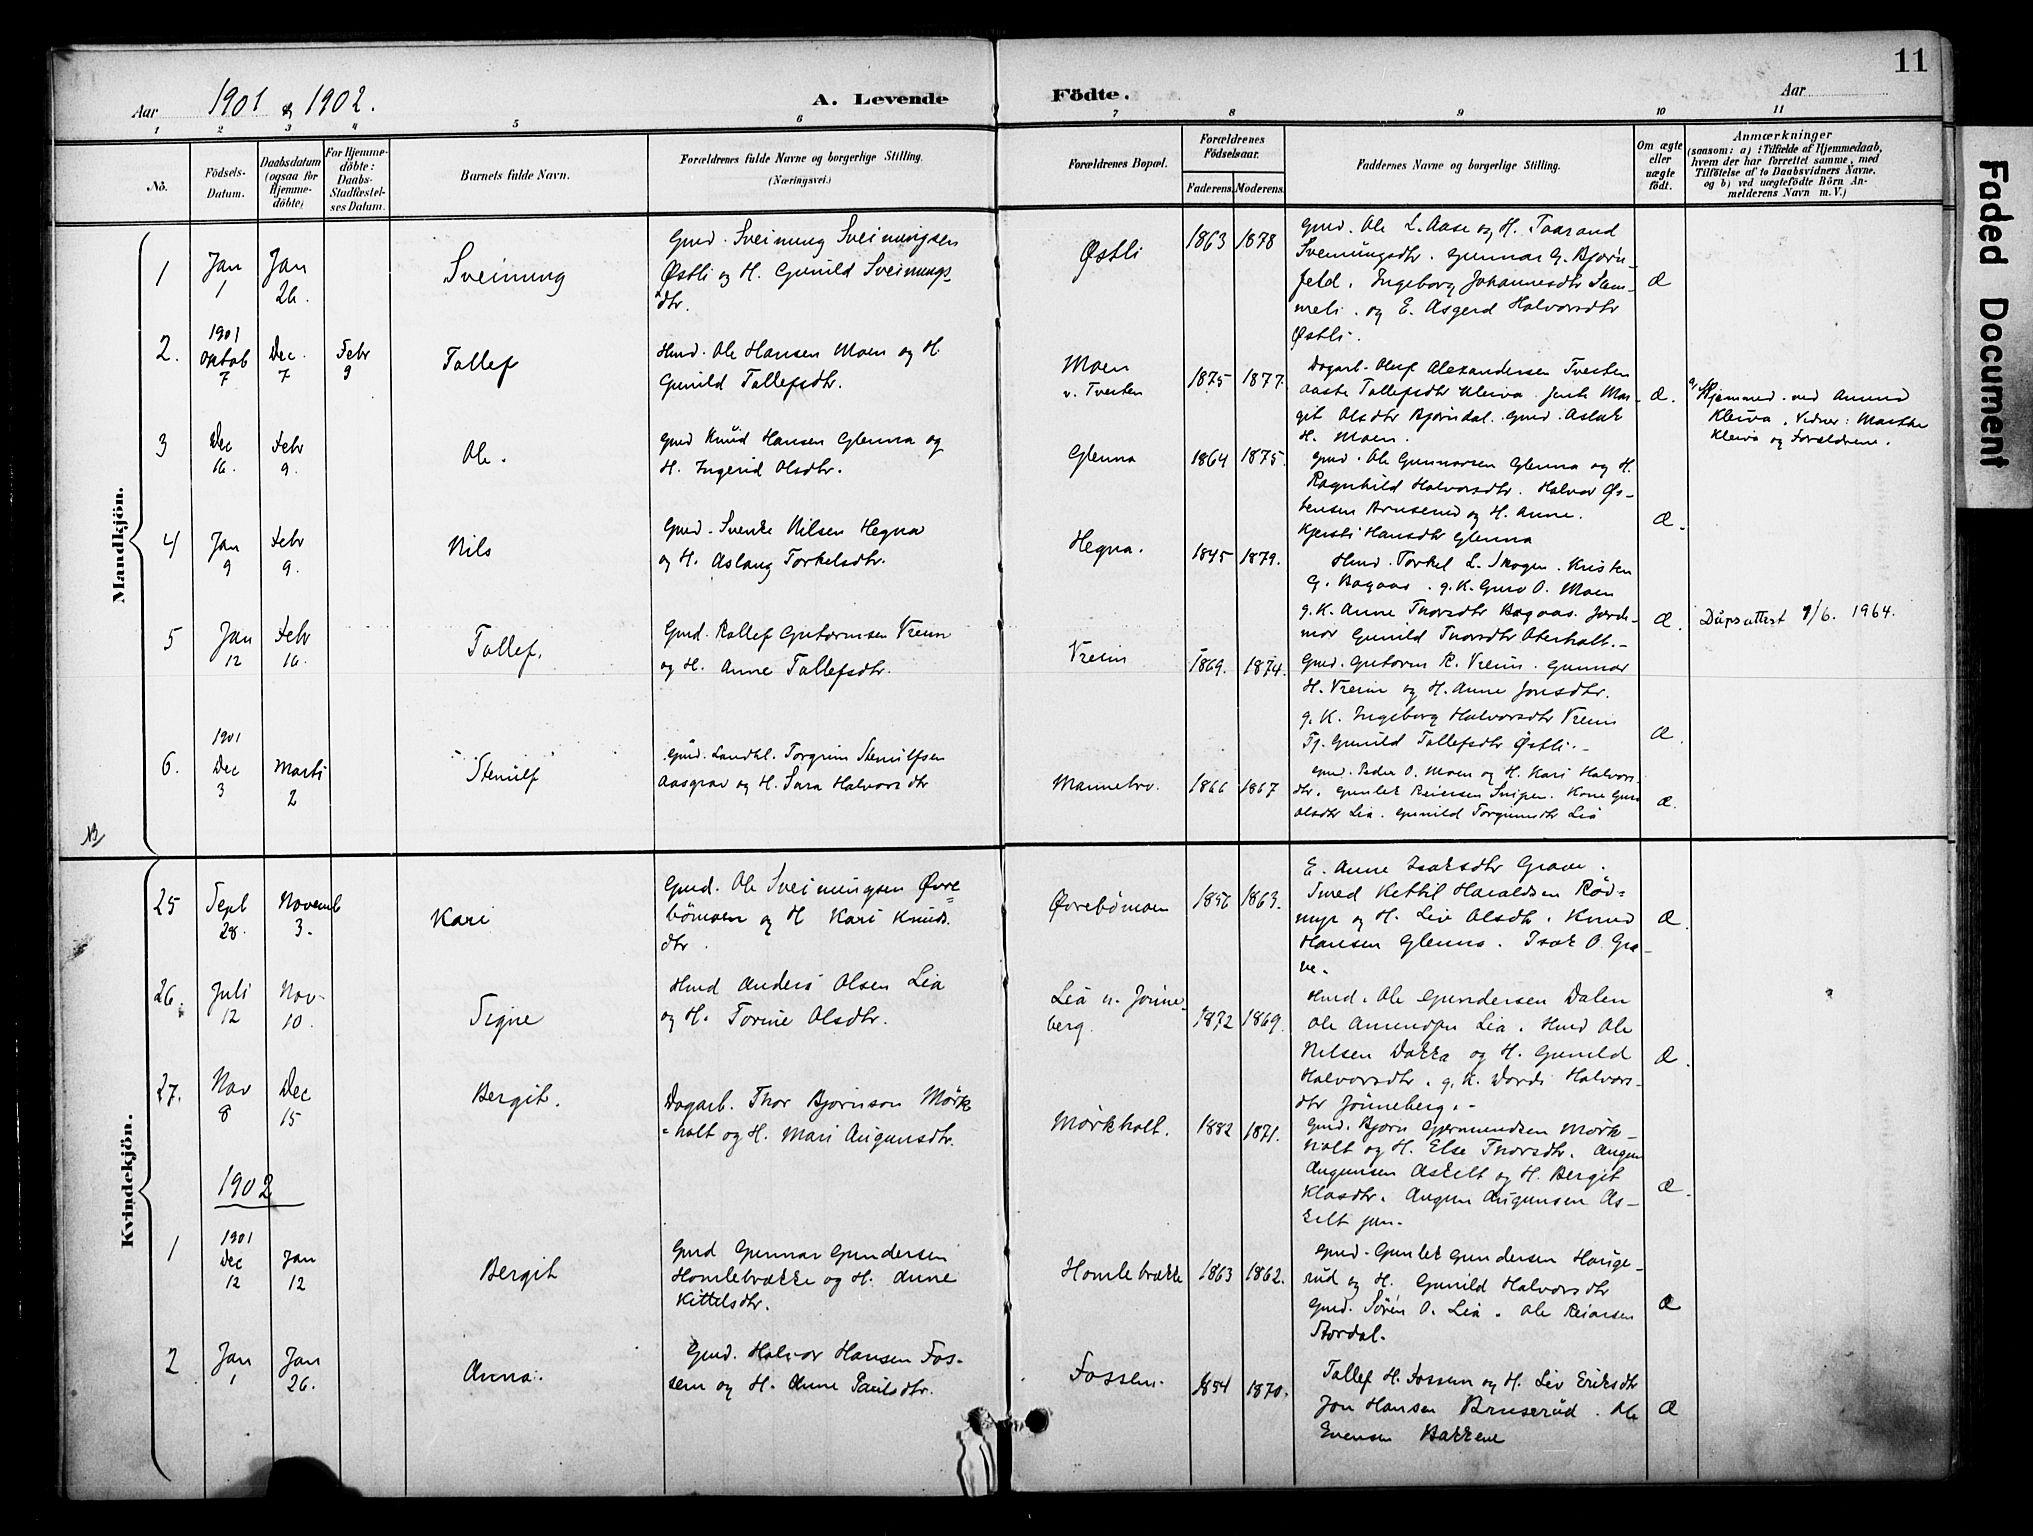 SAKO, Bø kirkebøker, F/Fa/L0012: Ministerialbok nr. 12, 1900-1908, s. 11